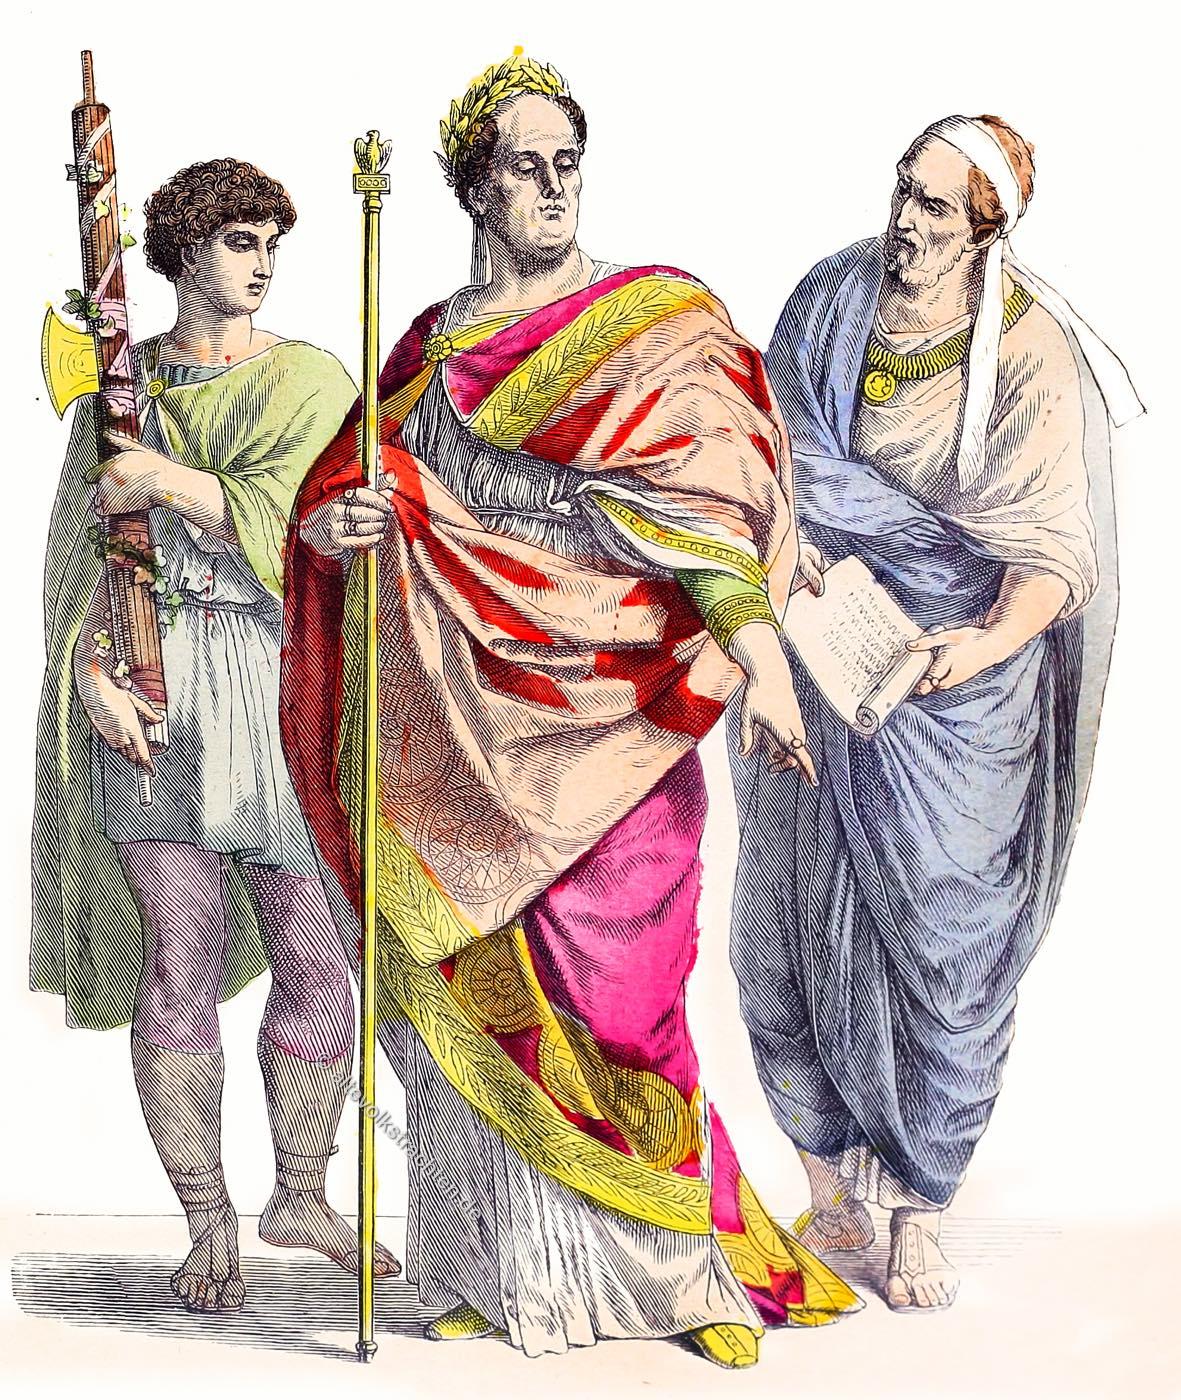 Lictor, Römischer Kaiser, Cäsar, Senator, Bekleidung, Kostüme, Münchener Bilderbogen